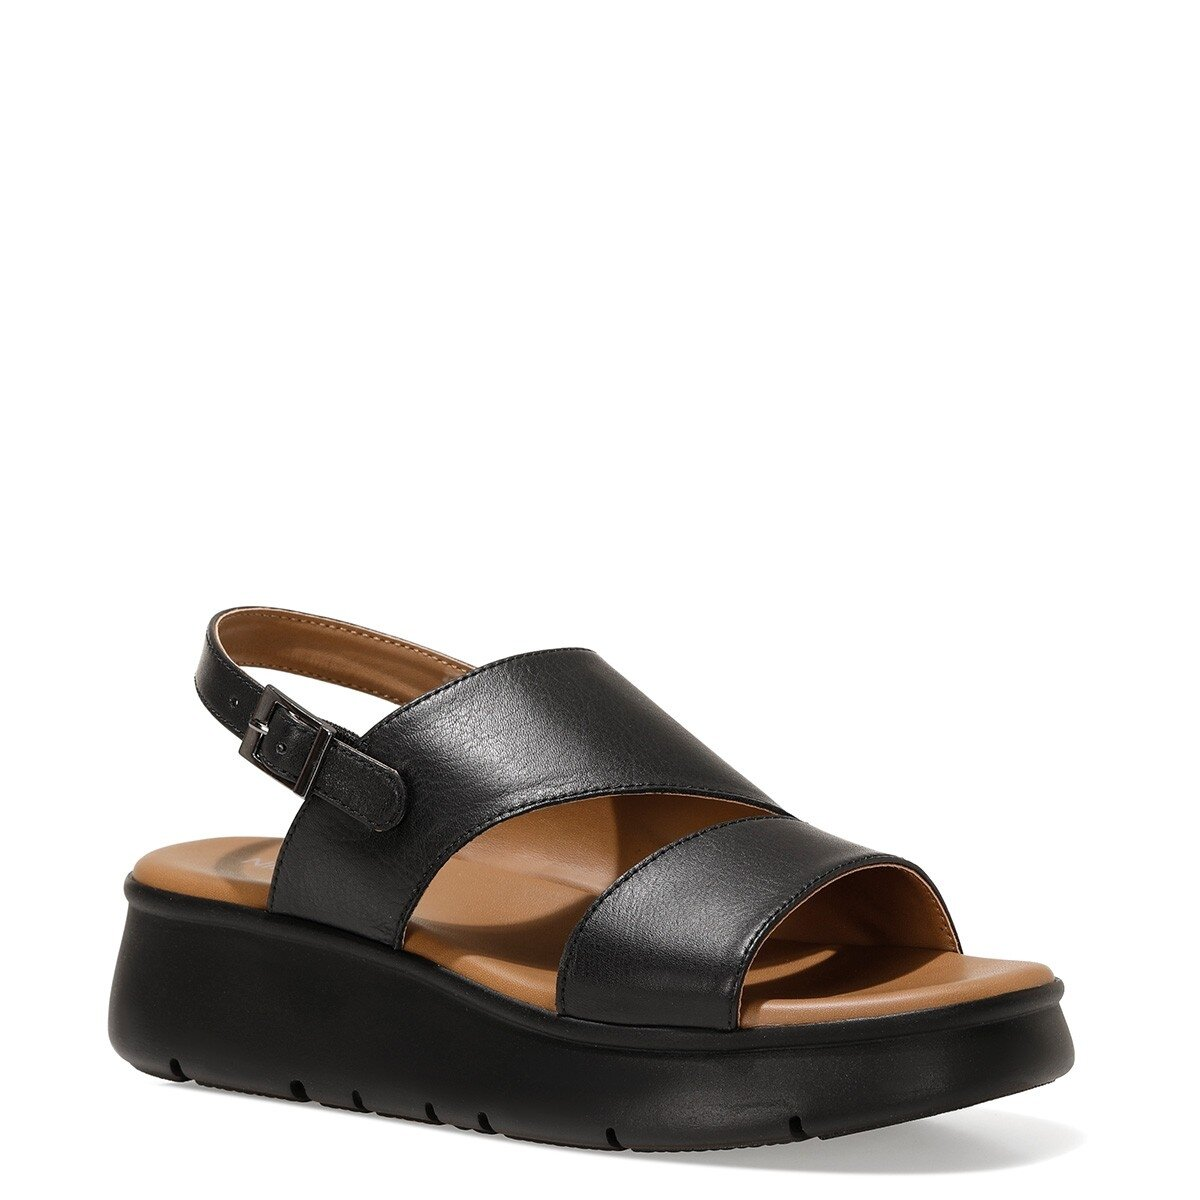 GUMA 1FX Siyah Kadın Ayakkabı>Sandalet>Topuksuz Sandalet